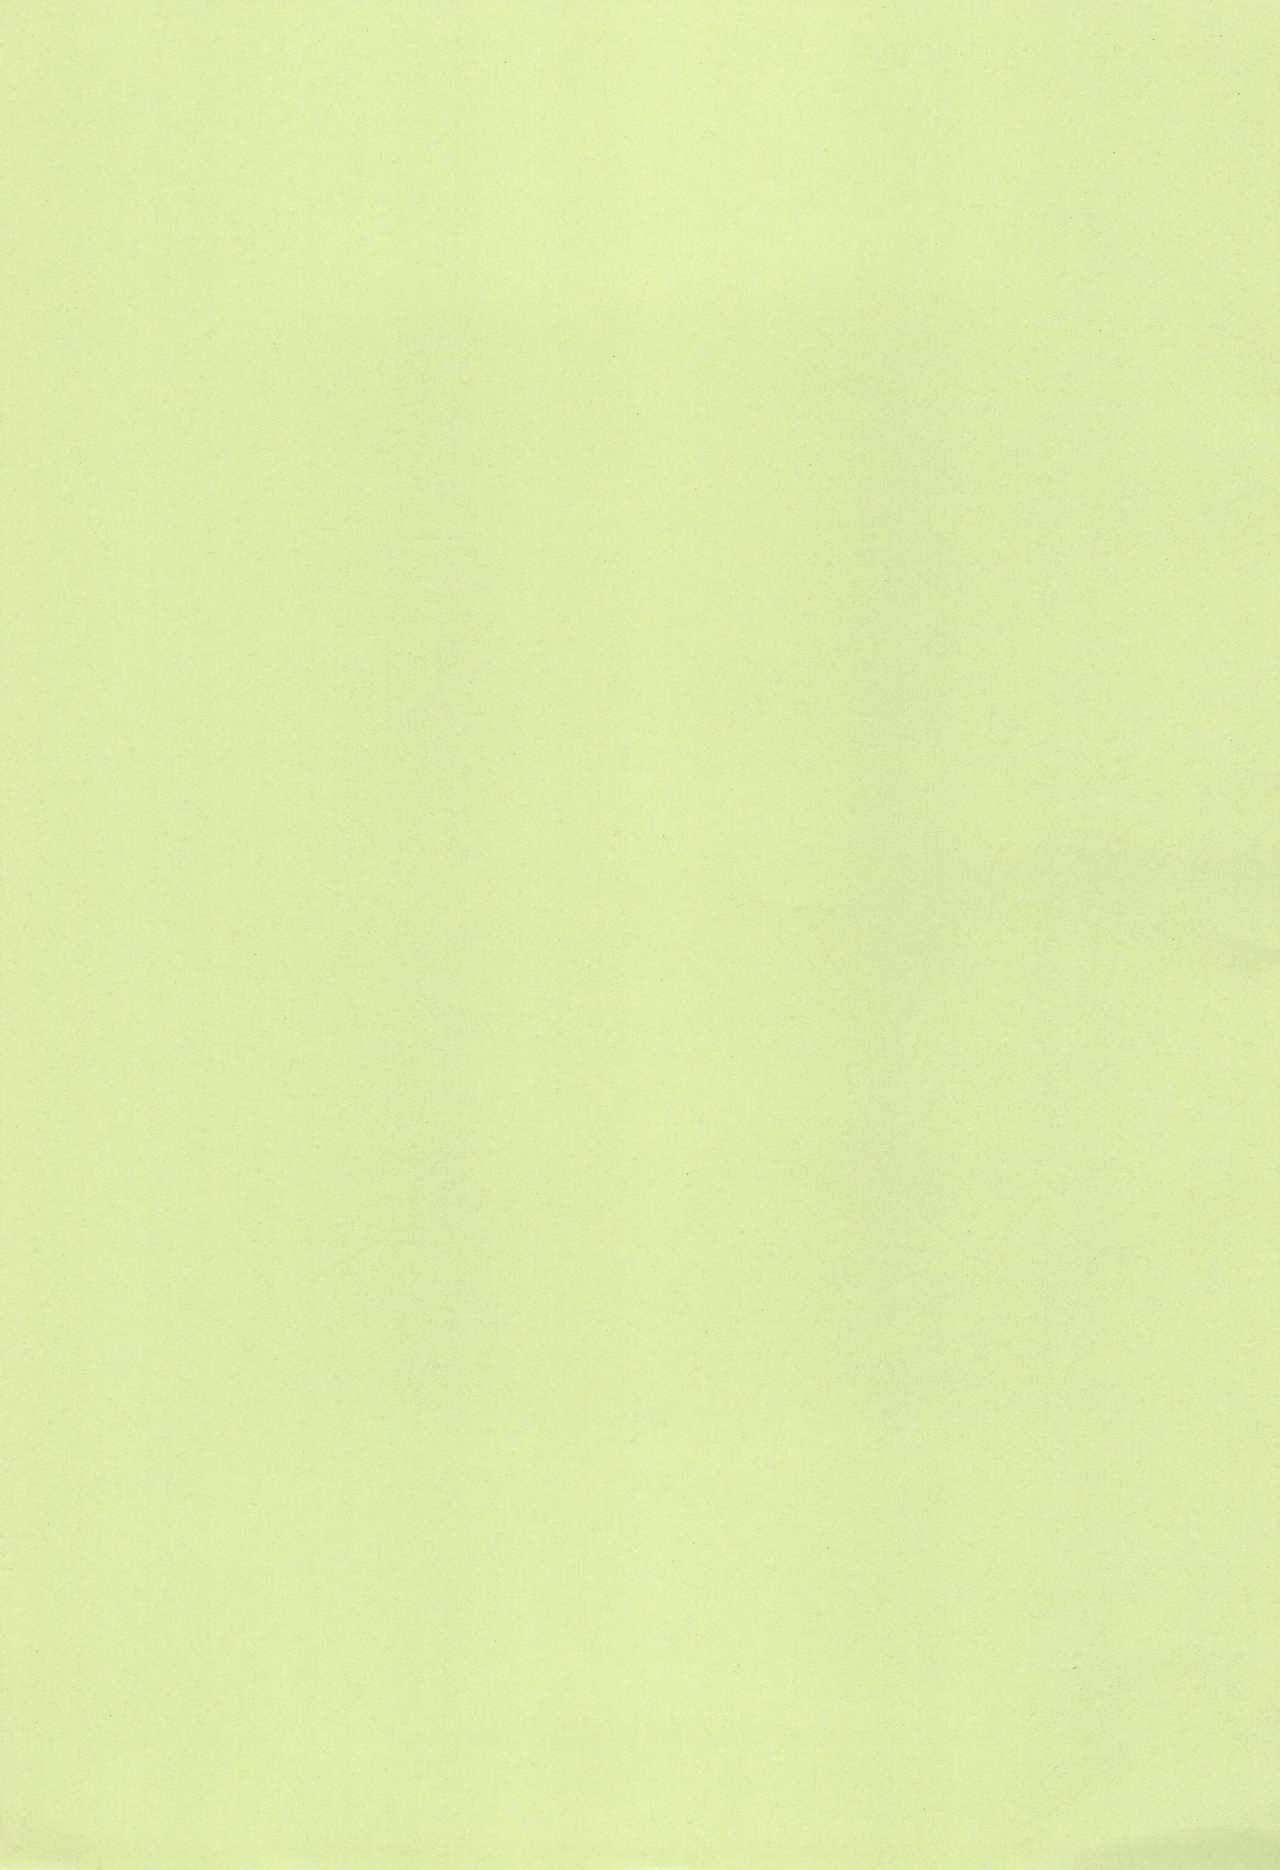 Higurashi no Nuku Koro ni Hamegoroshi-hen 2